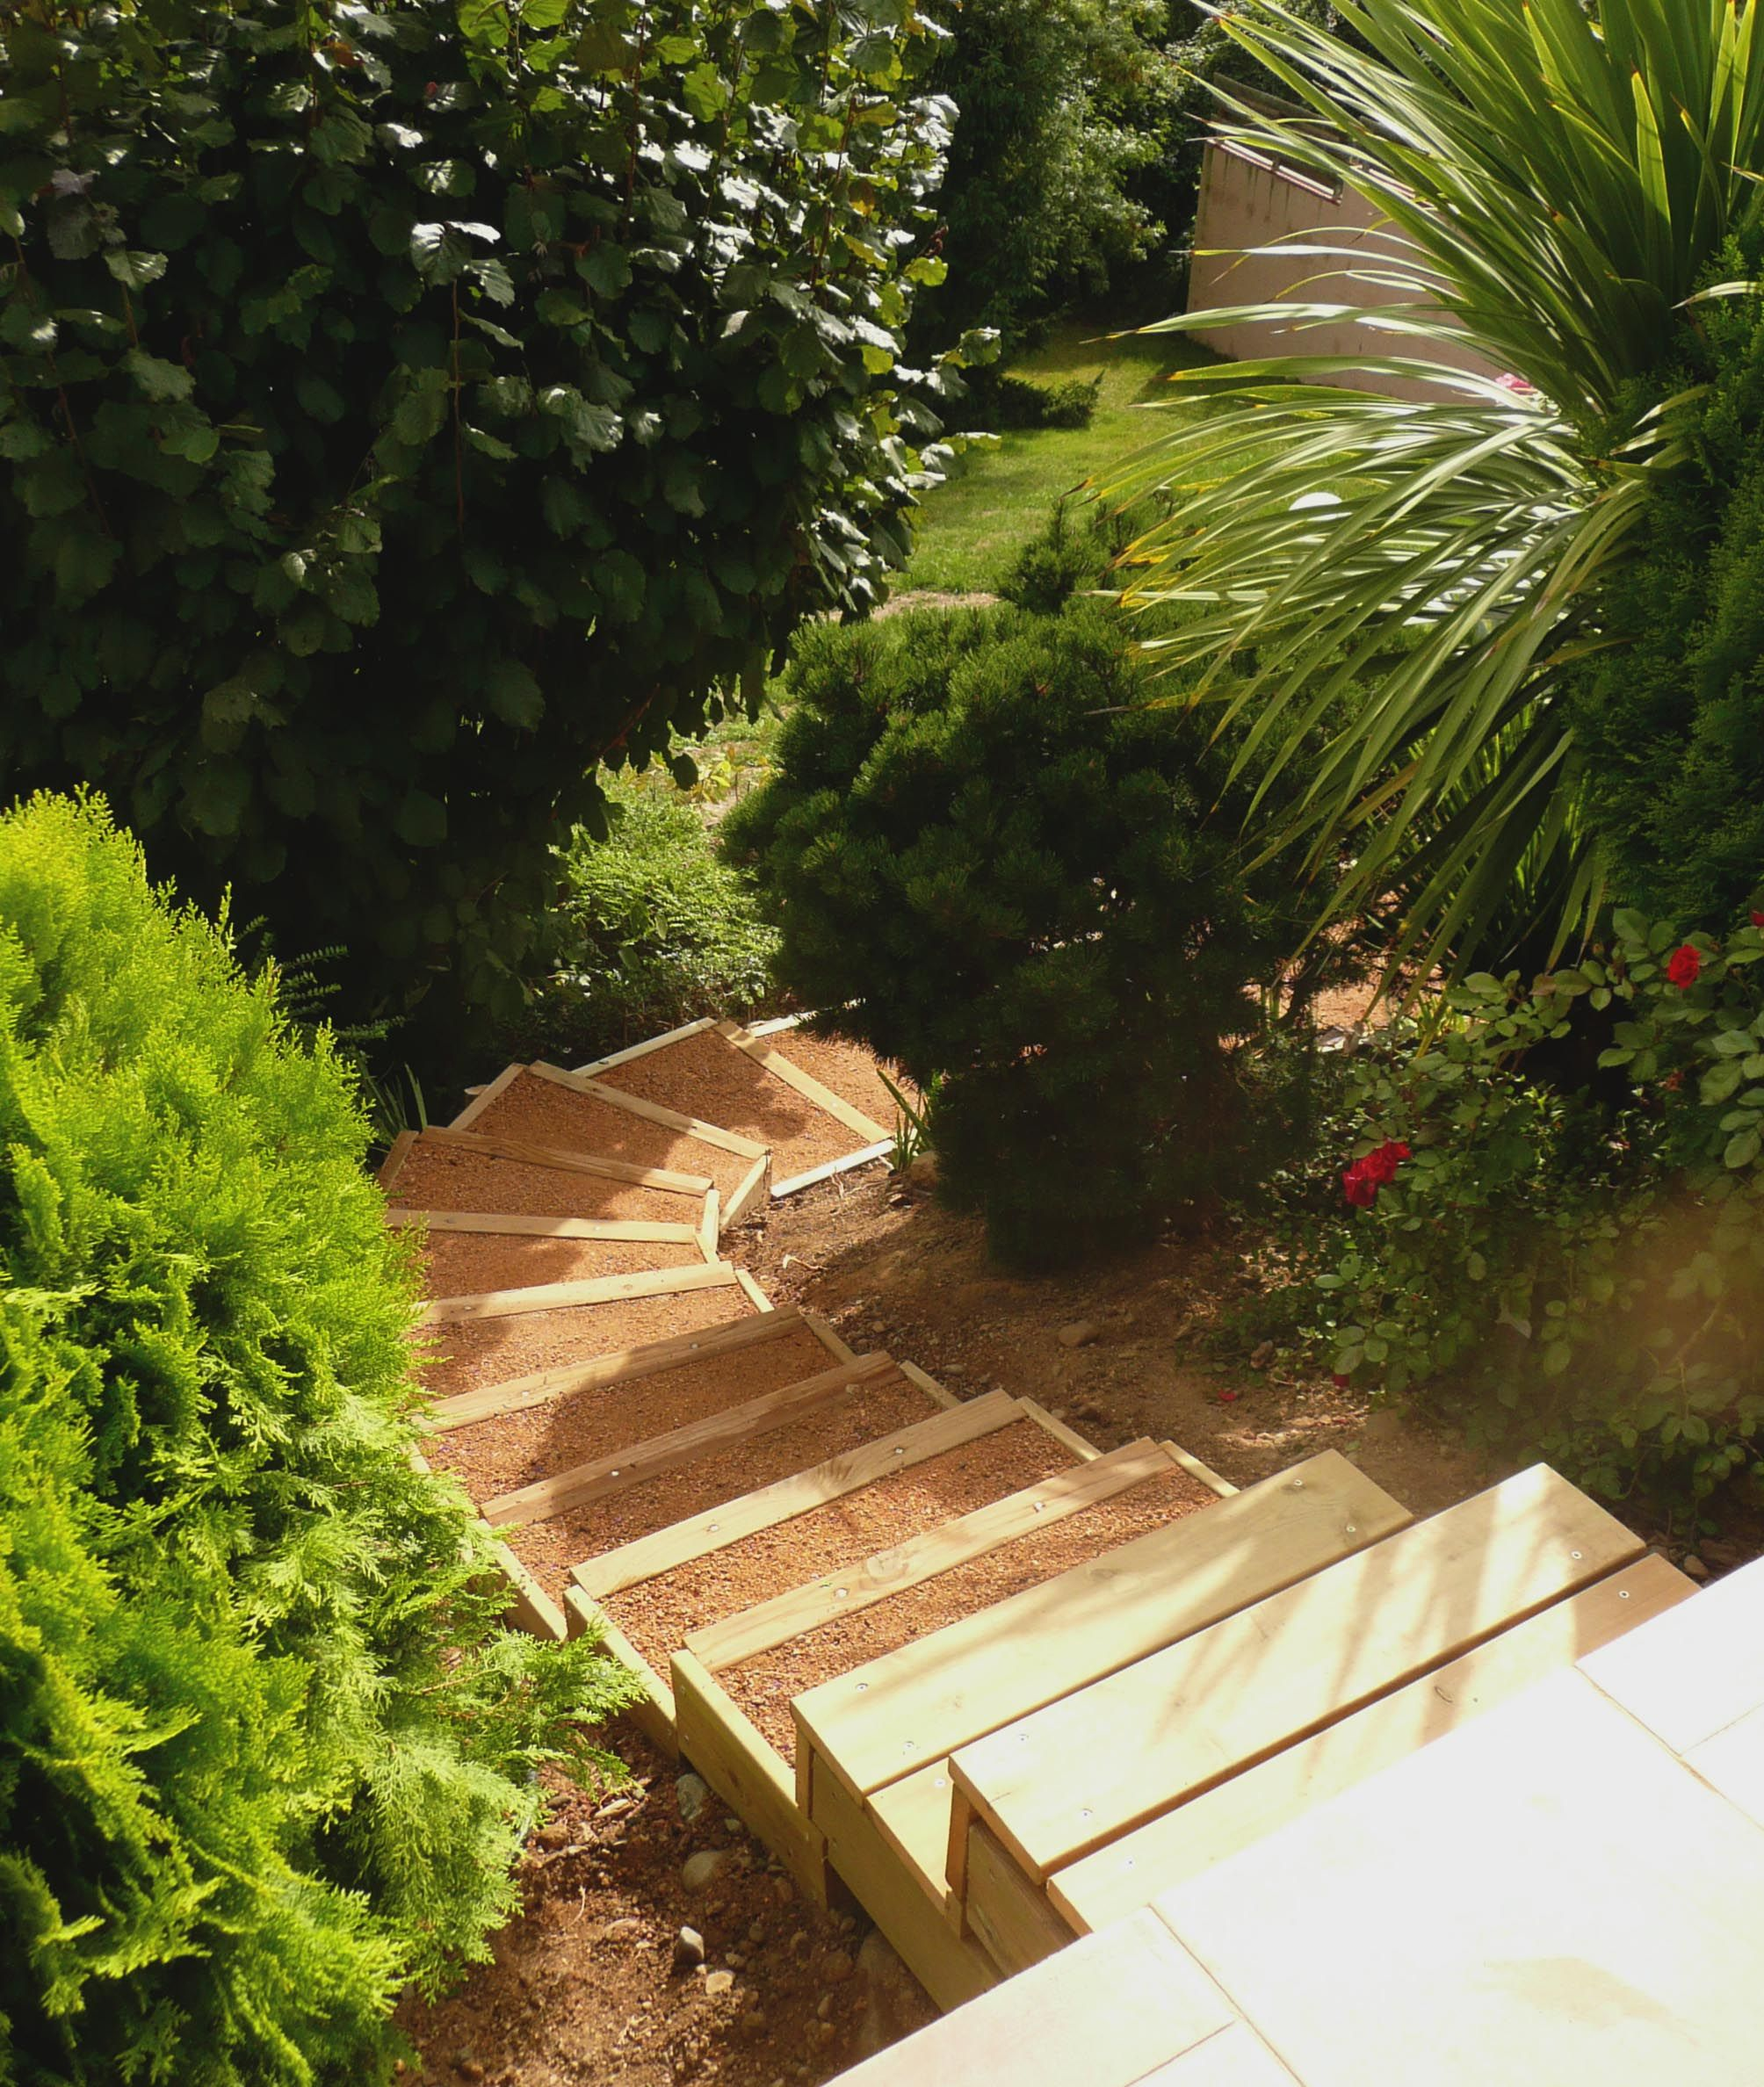 2abf22cfec09e3b95d2058b09883248f Unique De Amenagement Jardin Paysager Des Idées